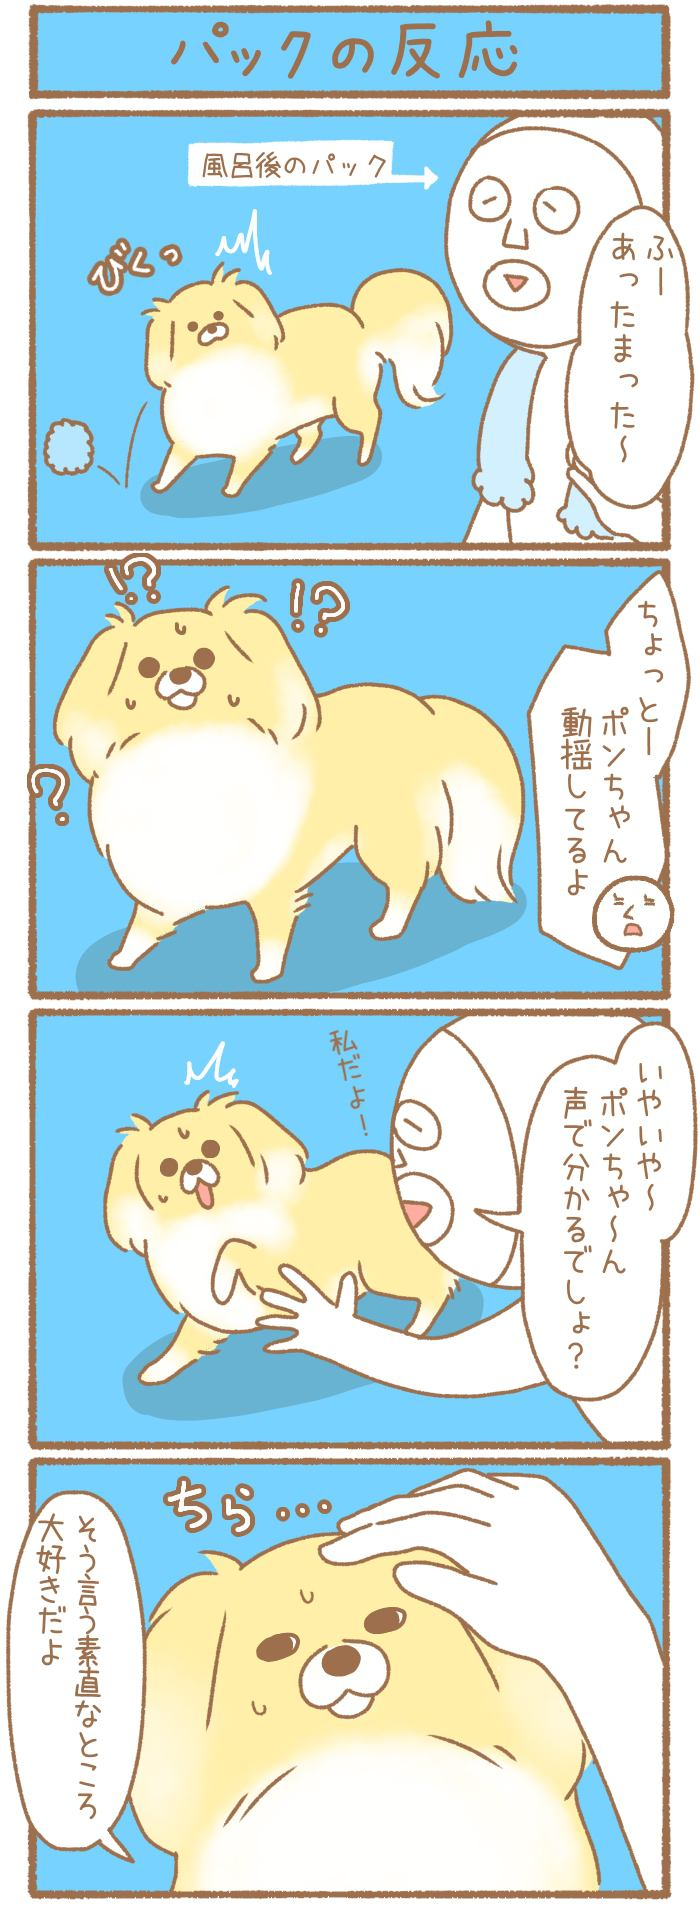 ただの犬好きです。【第110話】